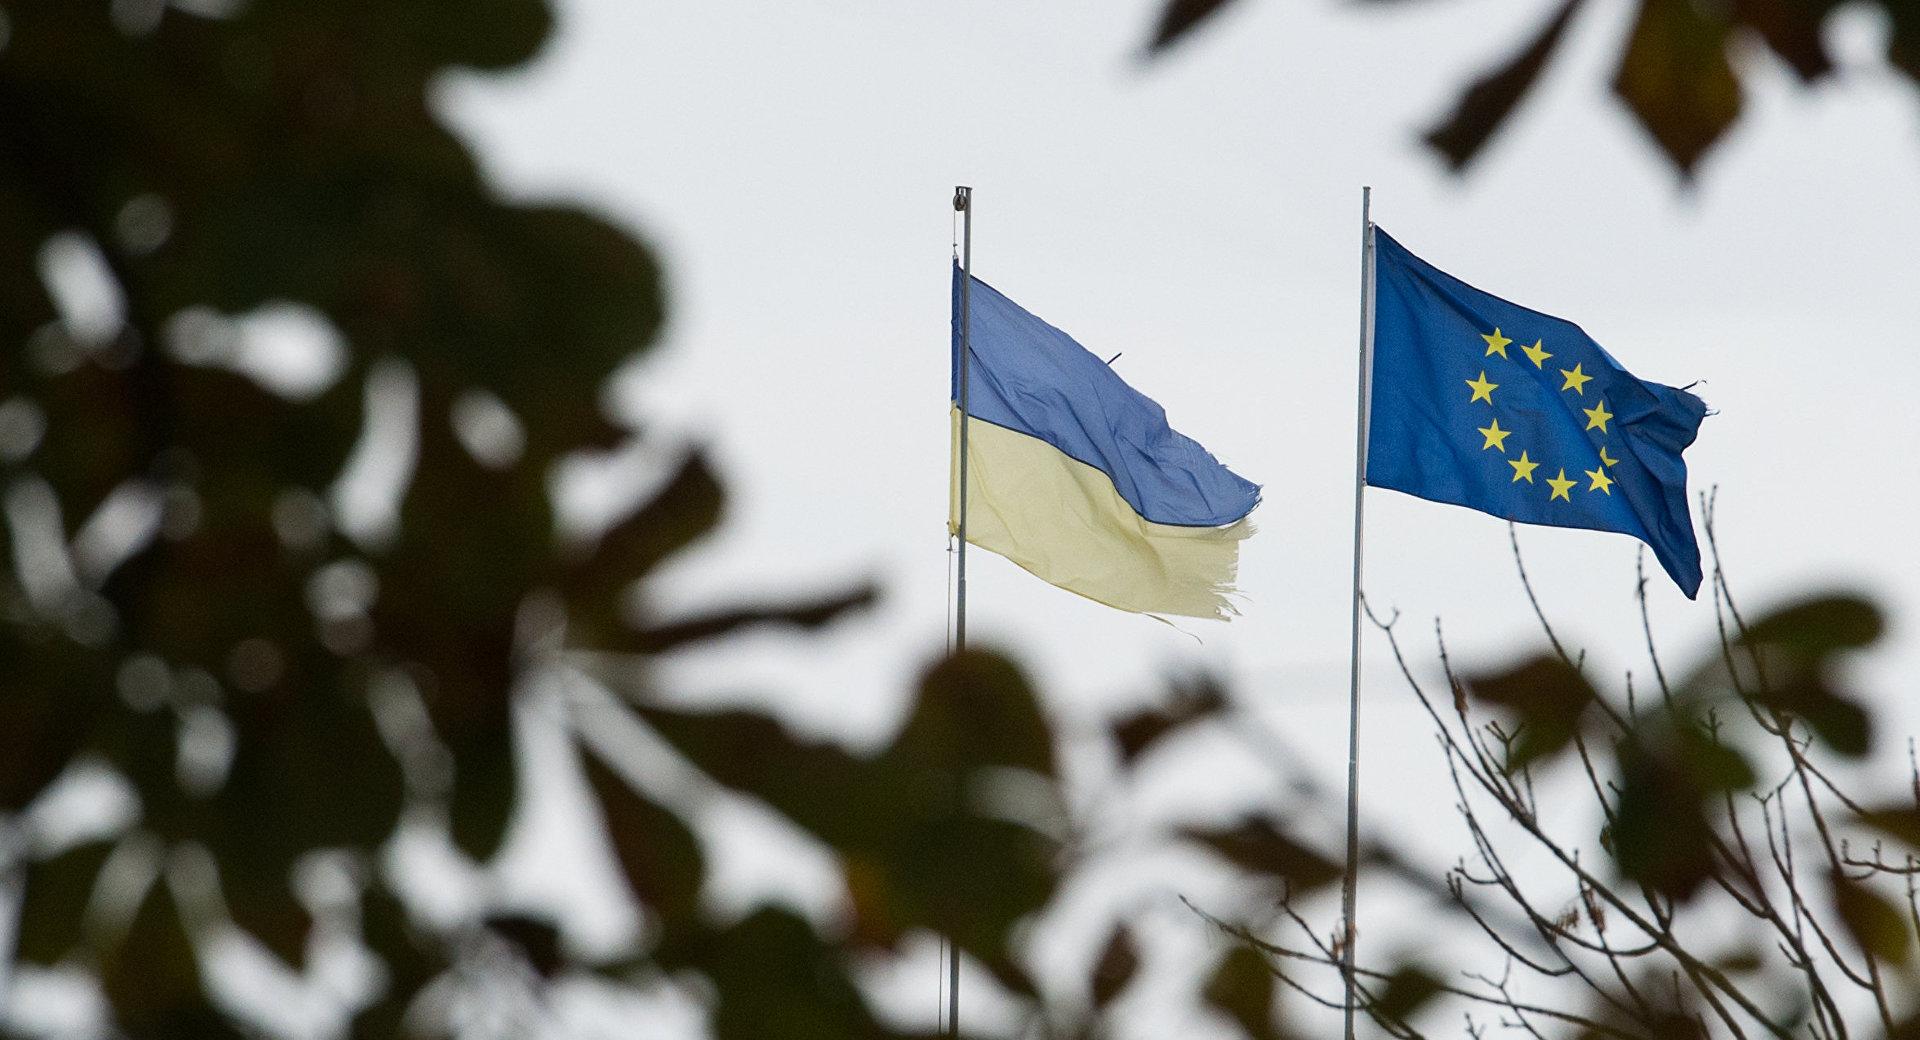 http://ukraina.ru/images/101602/50/1016025036.jpg